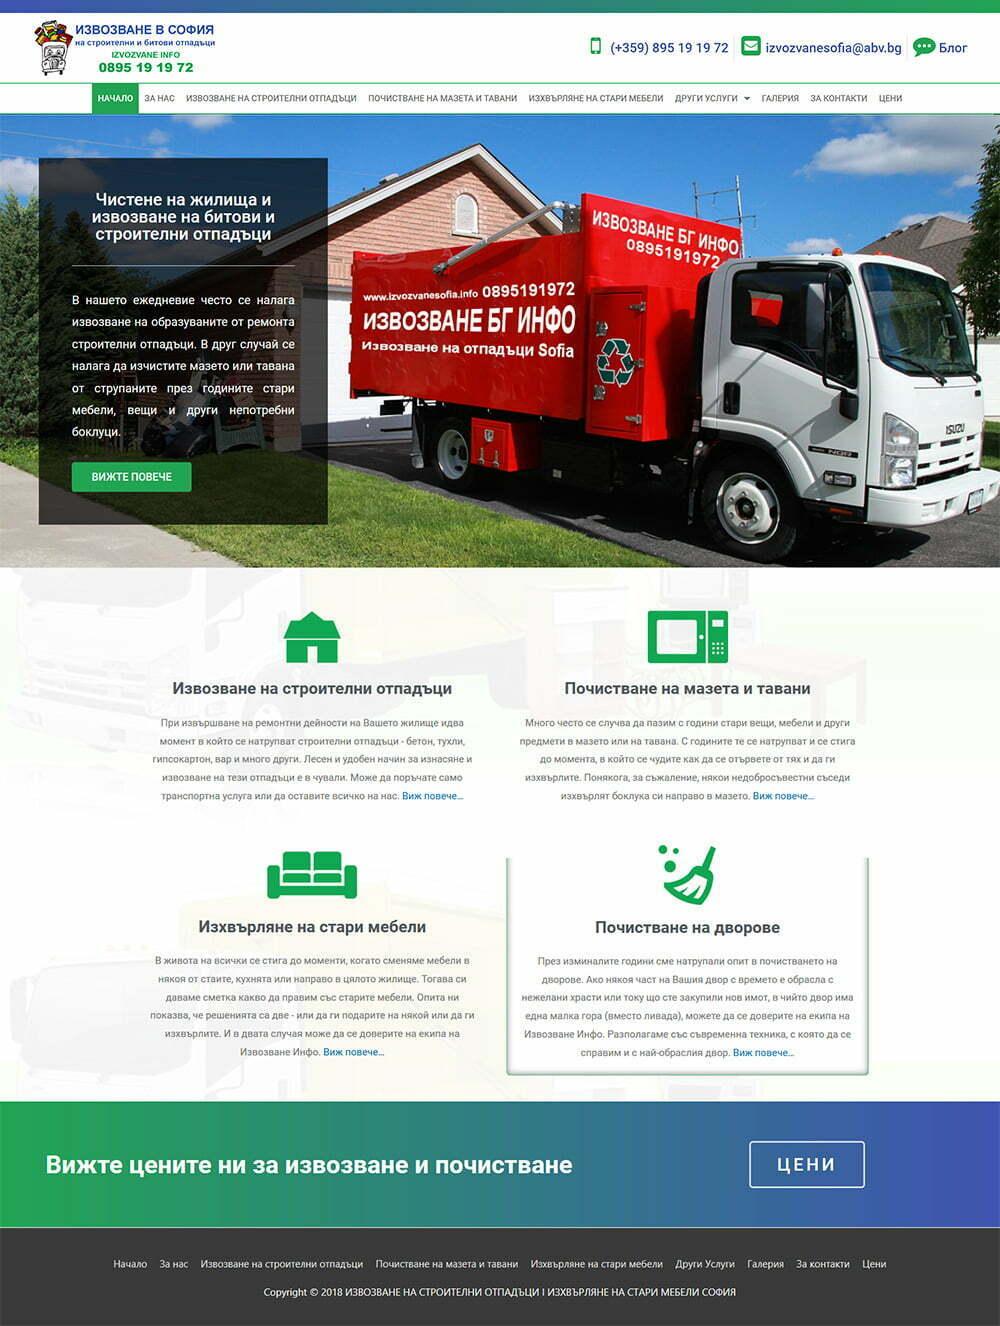 Сайт за извозване на строителни и битови отпадъци izvozvanesofia.info 1